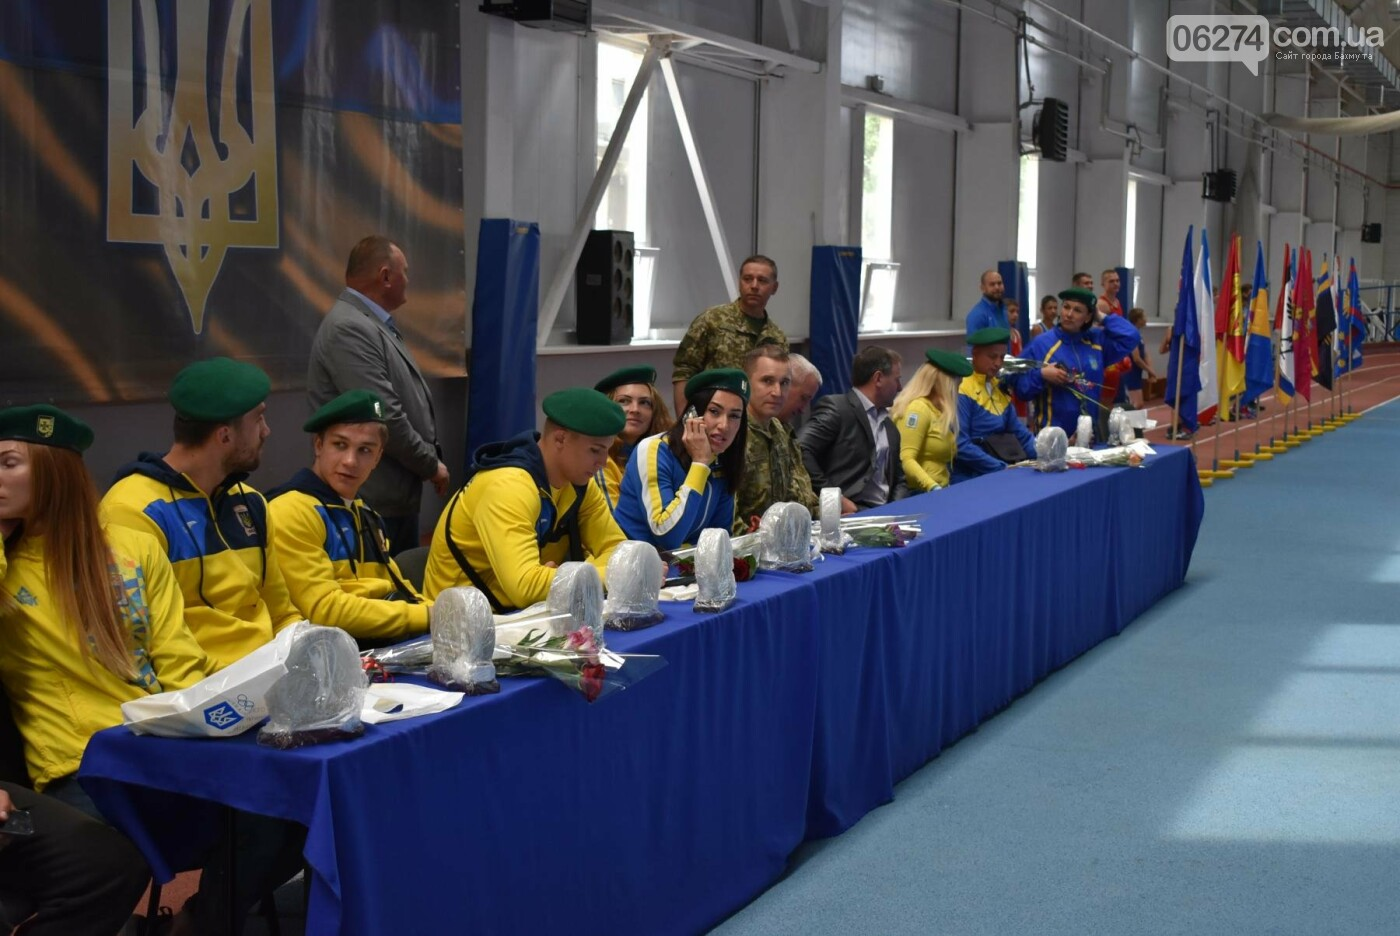 В Бахмуте презентовали спортсменов-олимпийцев Государственной пограничной службы Украины, фото-16